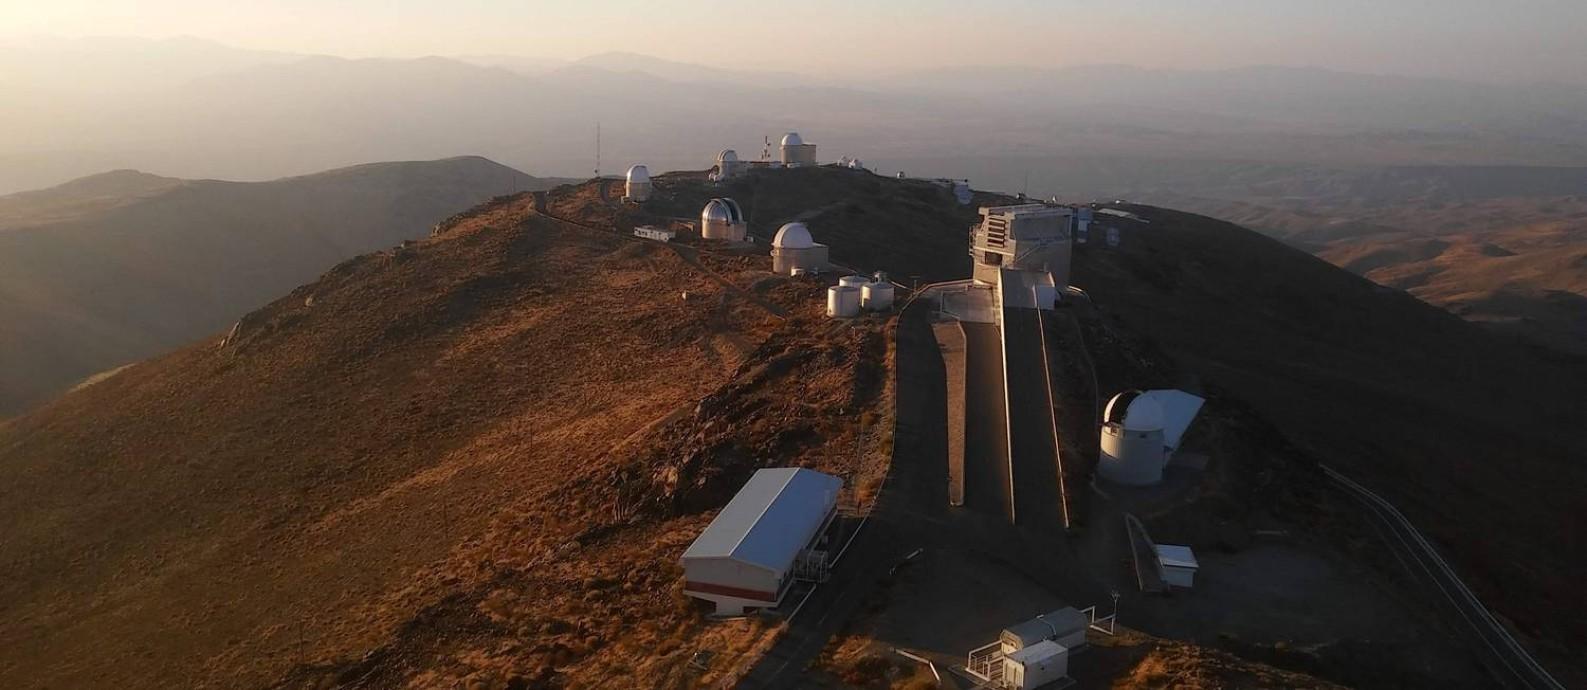 Observatório La Silla, localizado em La Serena, no Chile: local recebe a visitação de turistas interessados em astronomia Foto: Daniela Kalicheski / O Globo